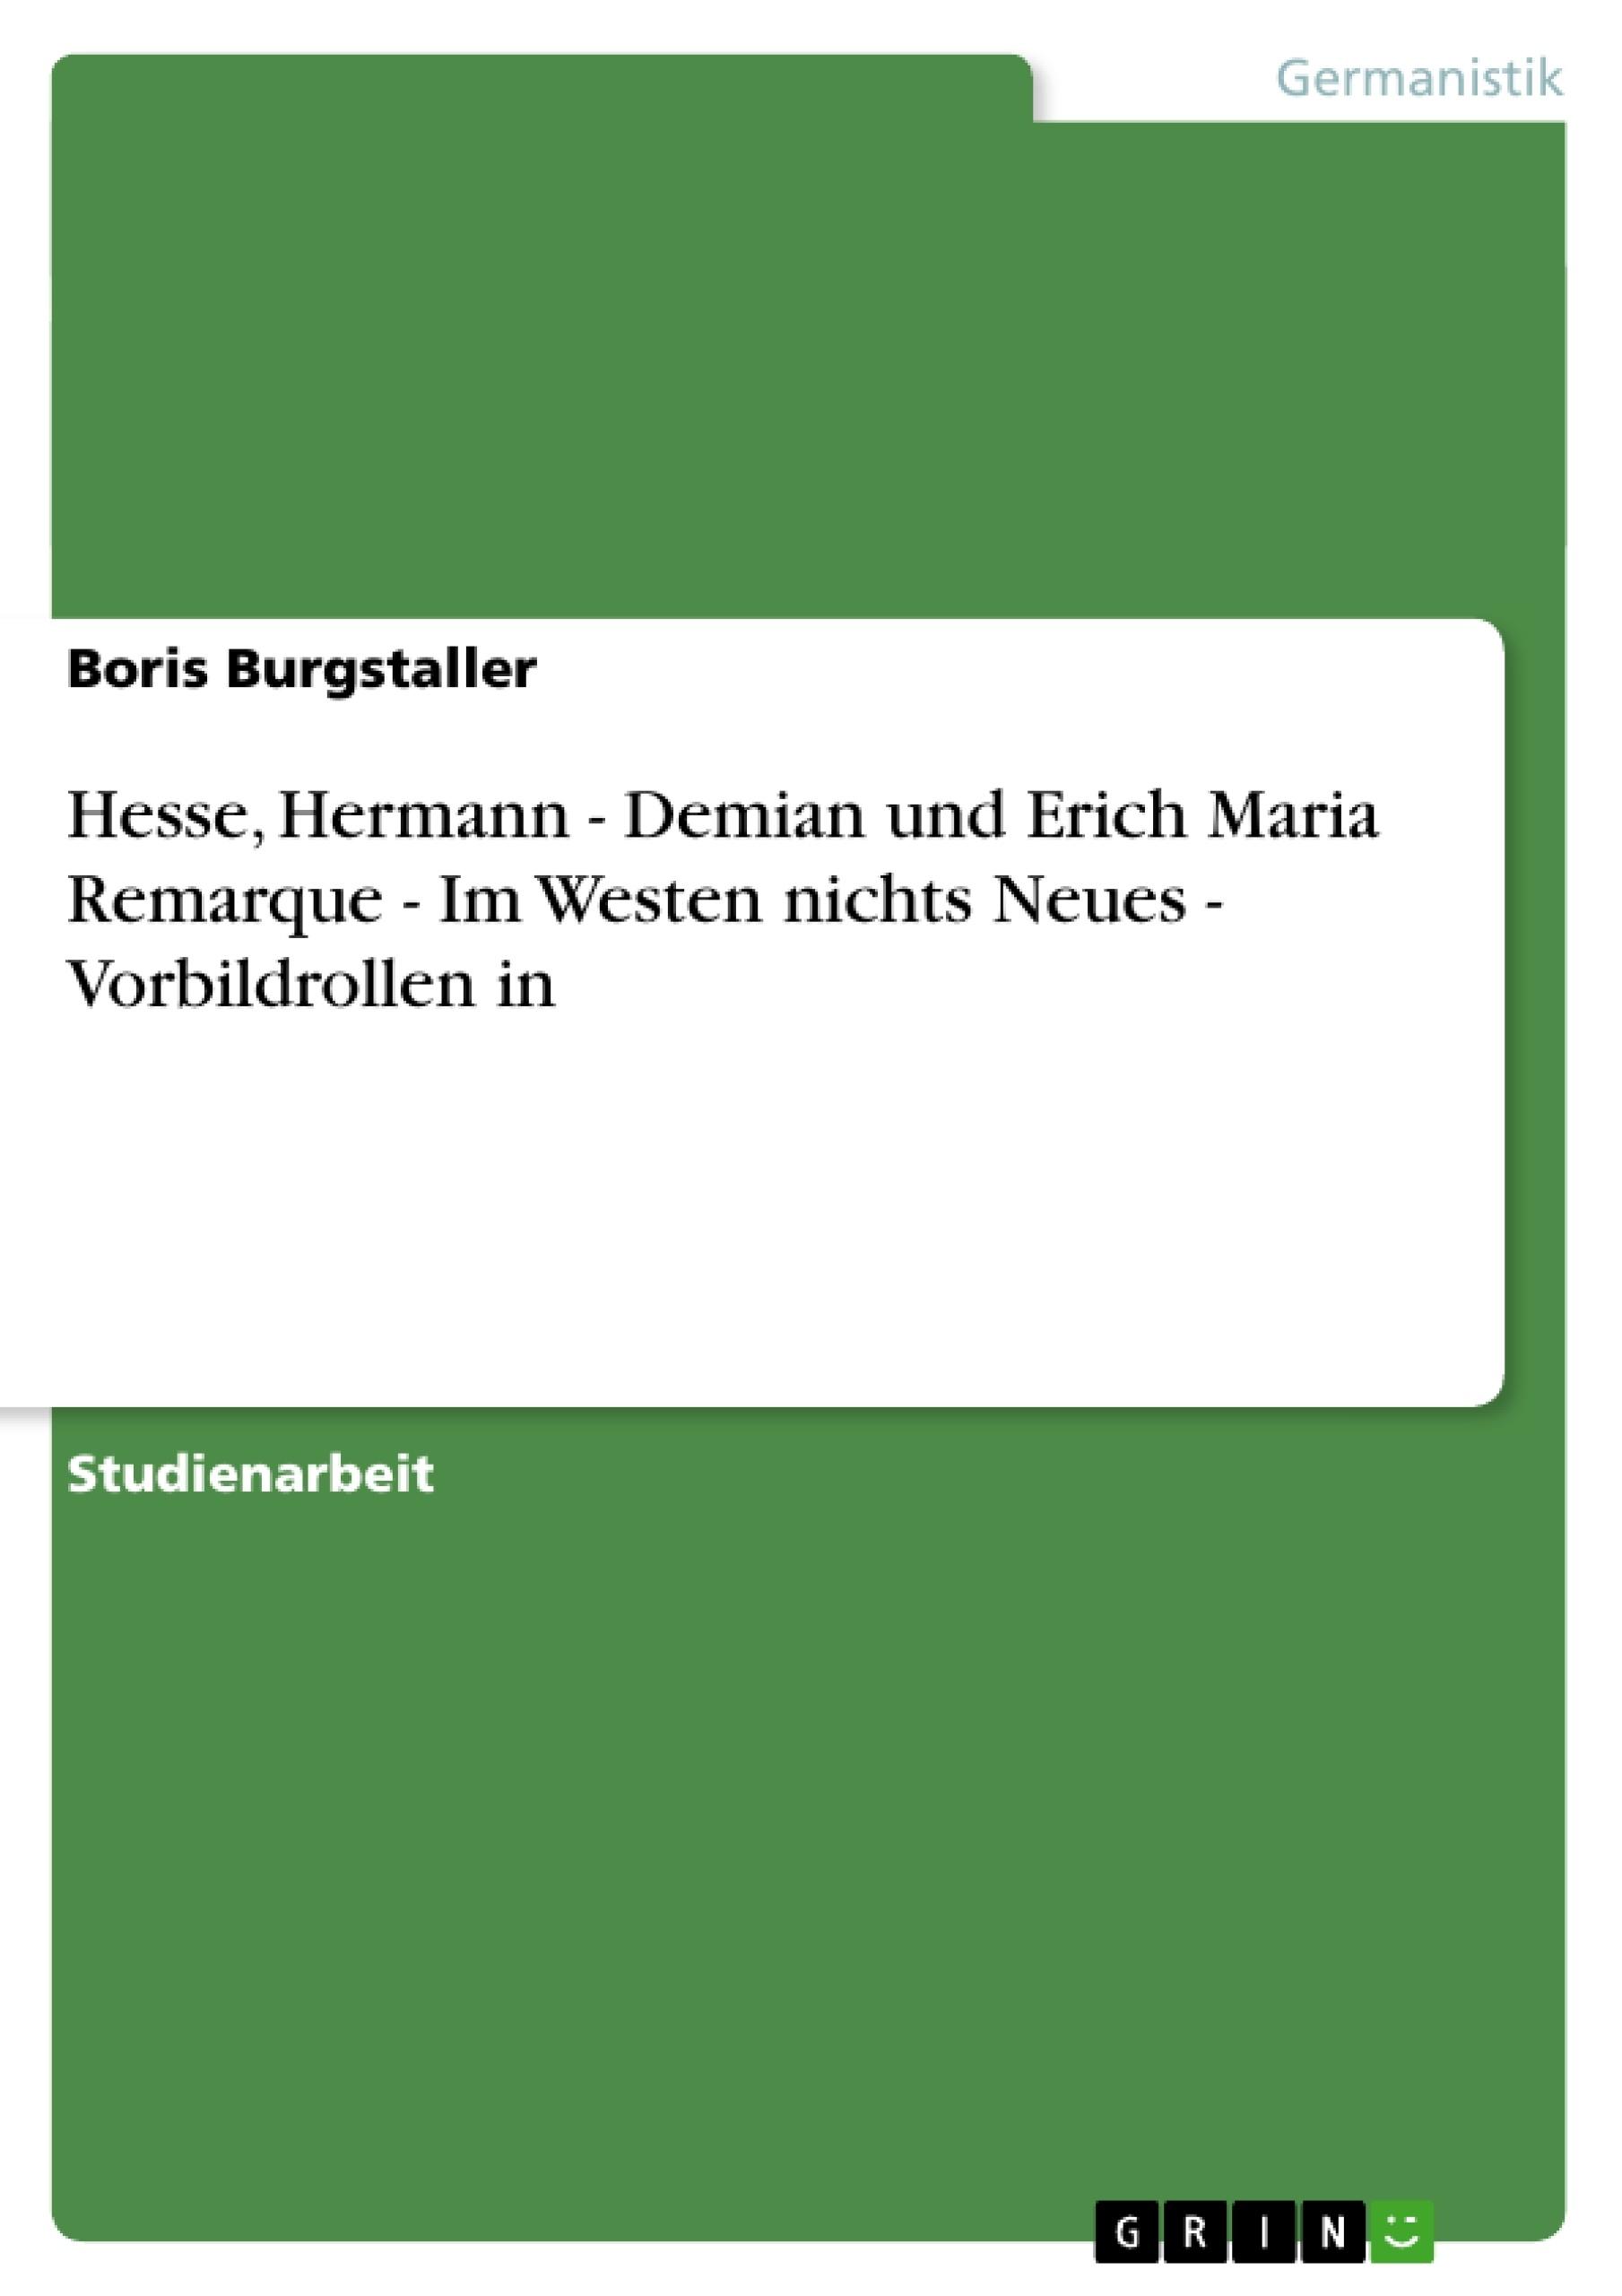 Titel: Hesse, Hermann - Demian und Erich Maria Remarque - Im Westen nichts Neues - Vorbildrollen in